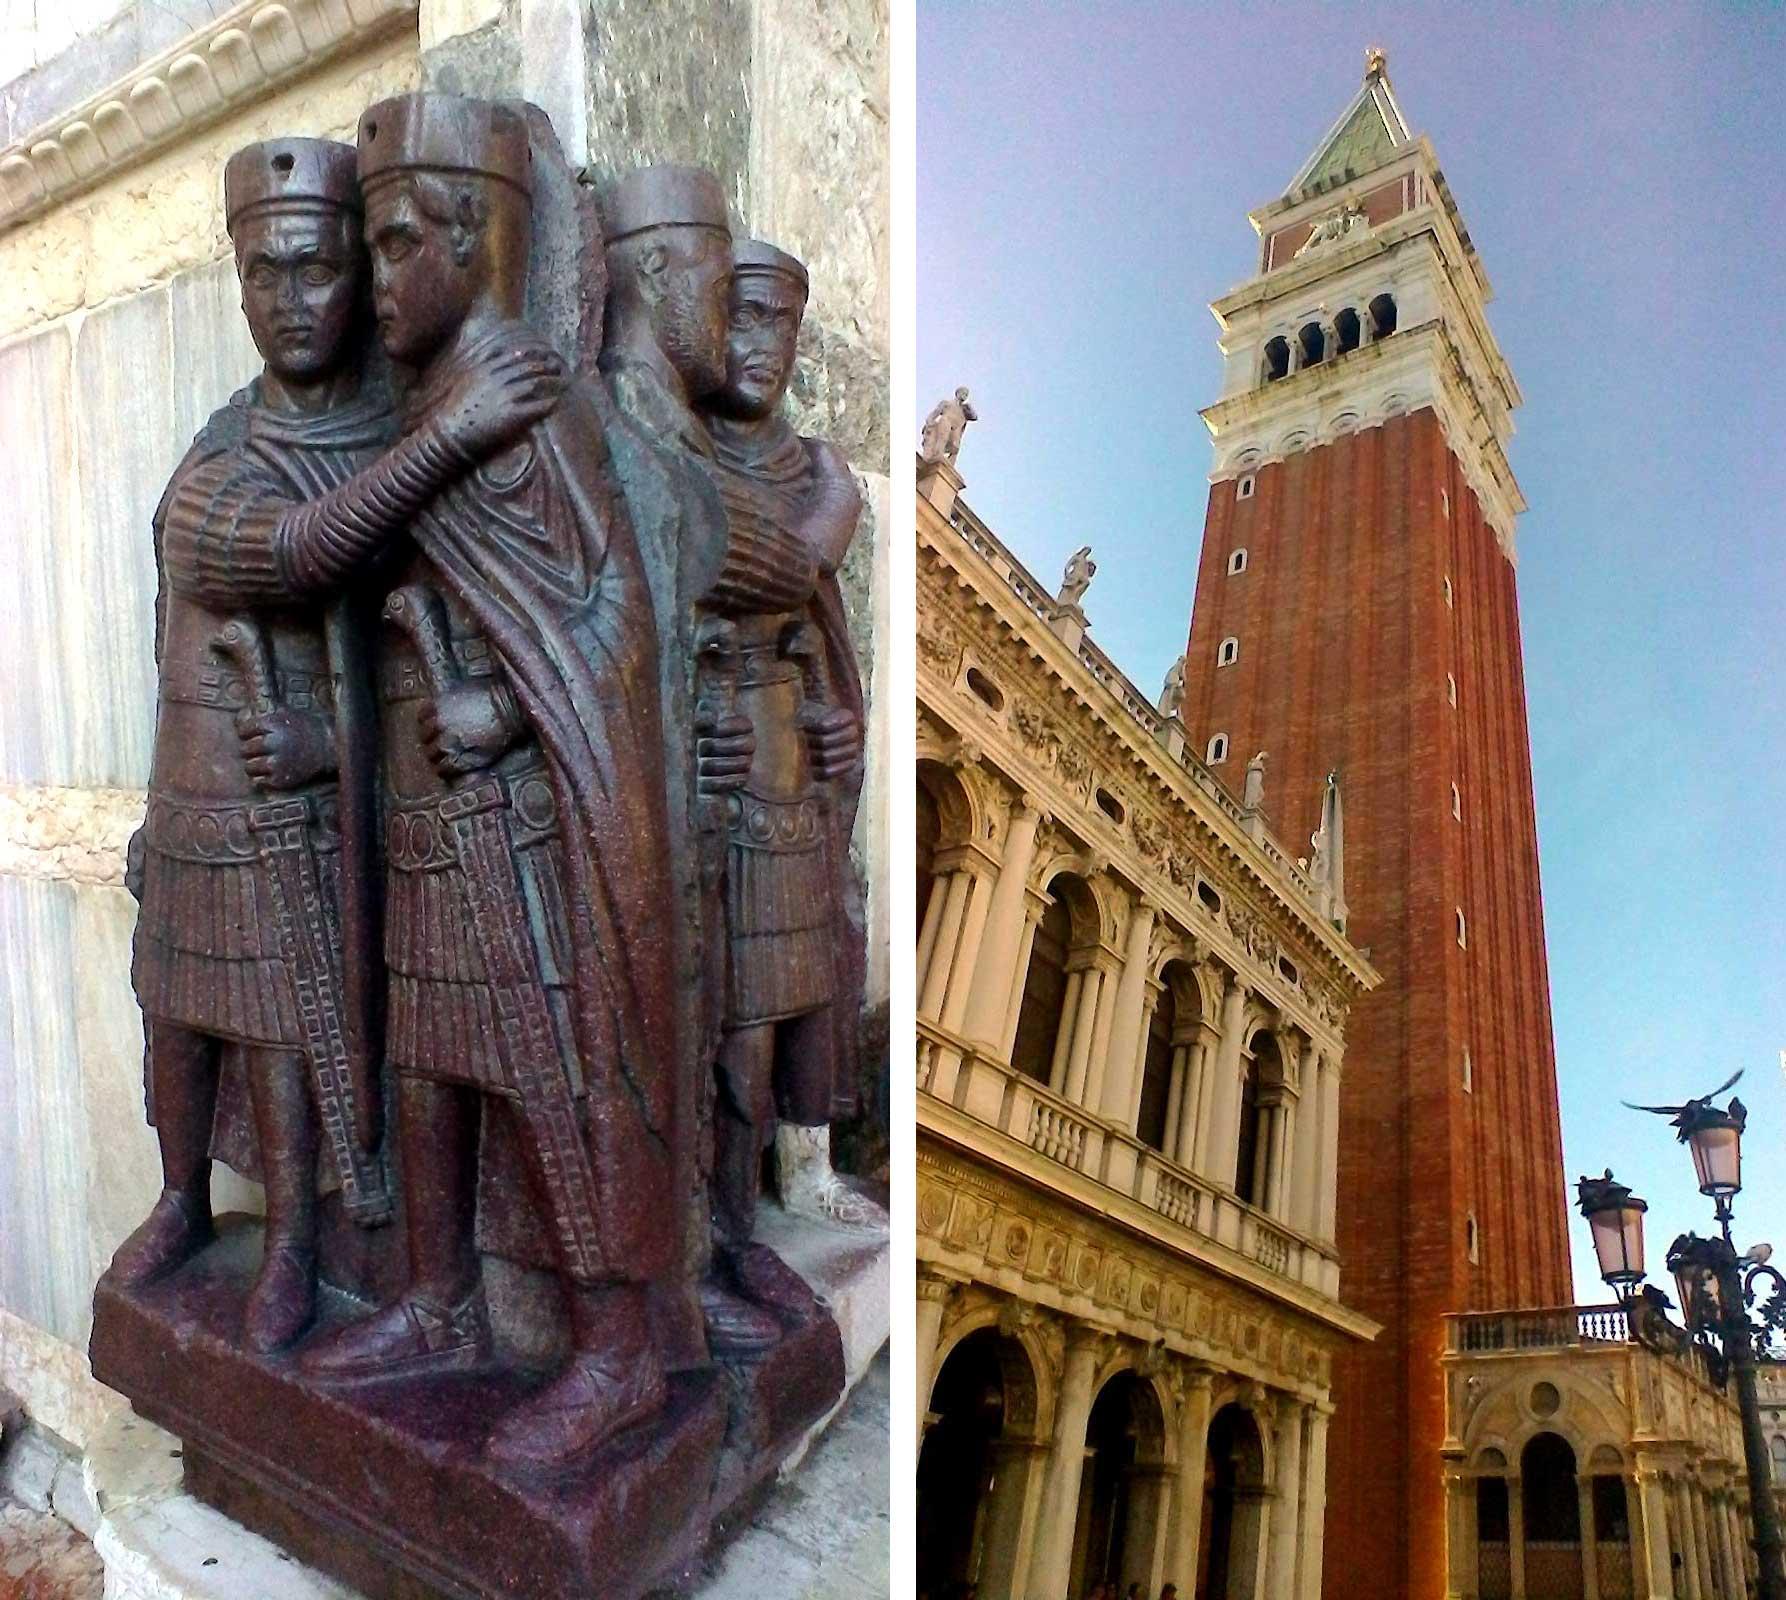 Venezia fotografie immagini del palazzo Ducale con monumento ai tetrarchi